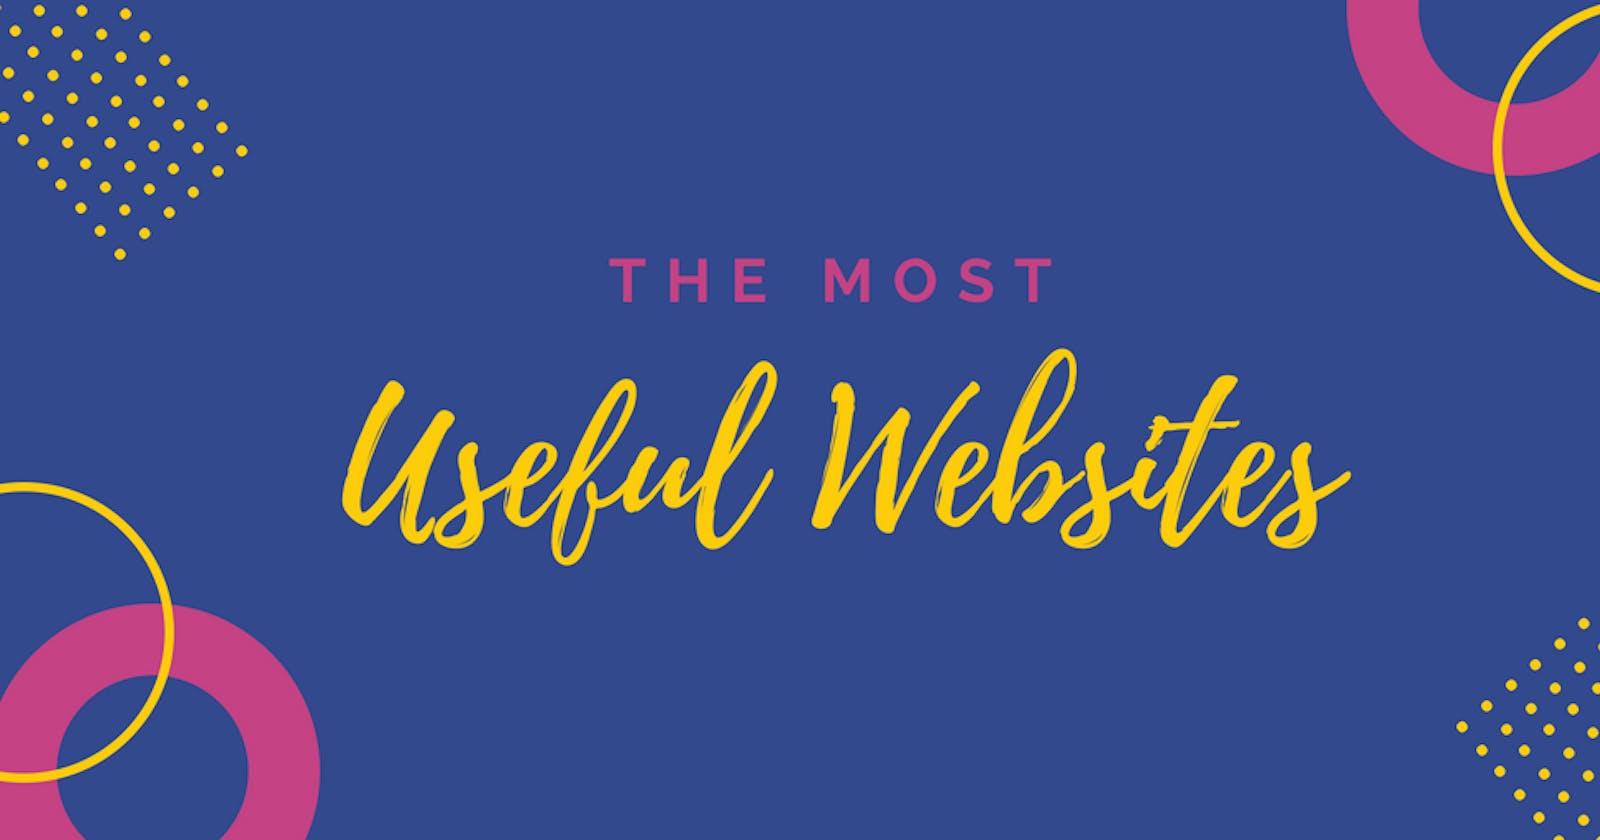 Useful Websites List